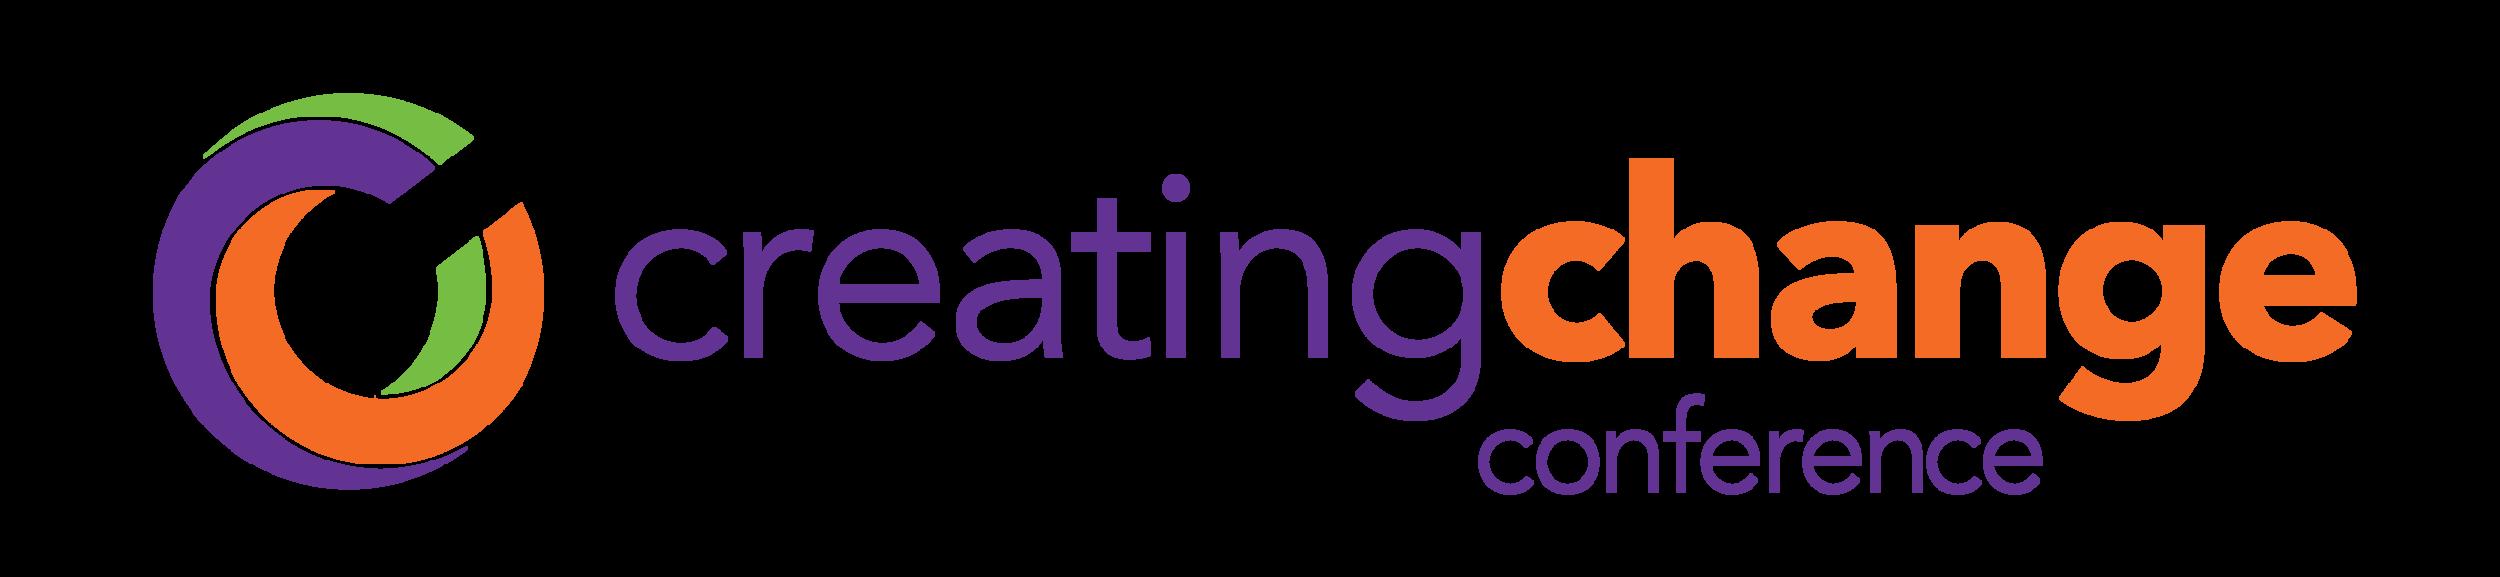 Creating-Change-Logo-01.png